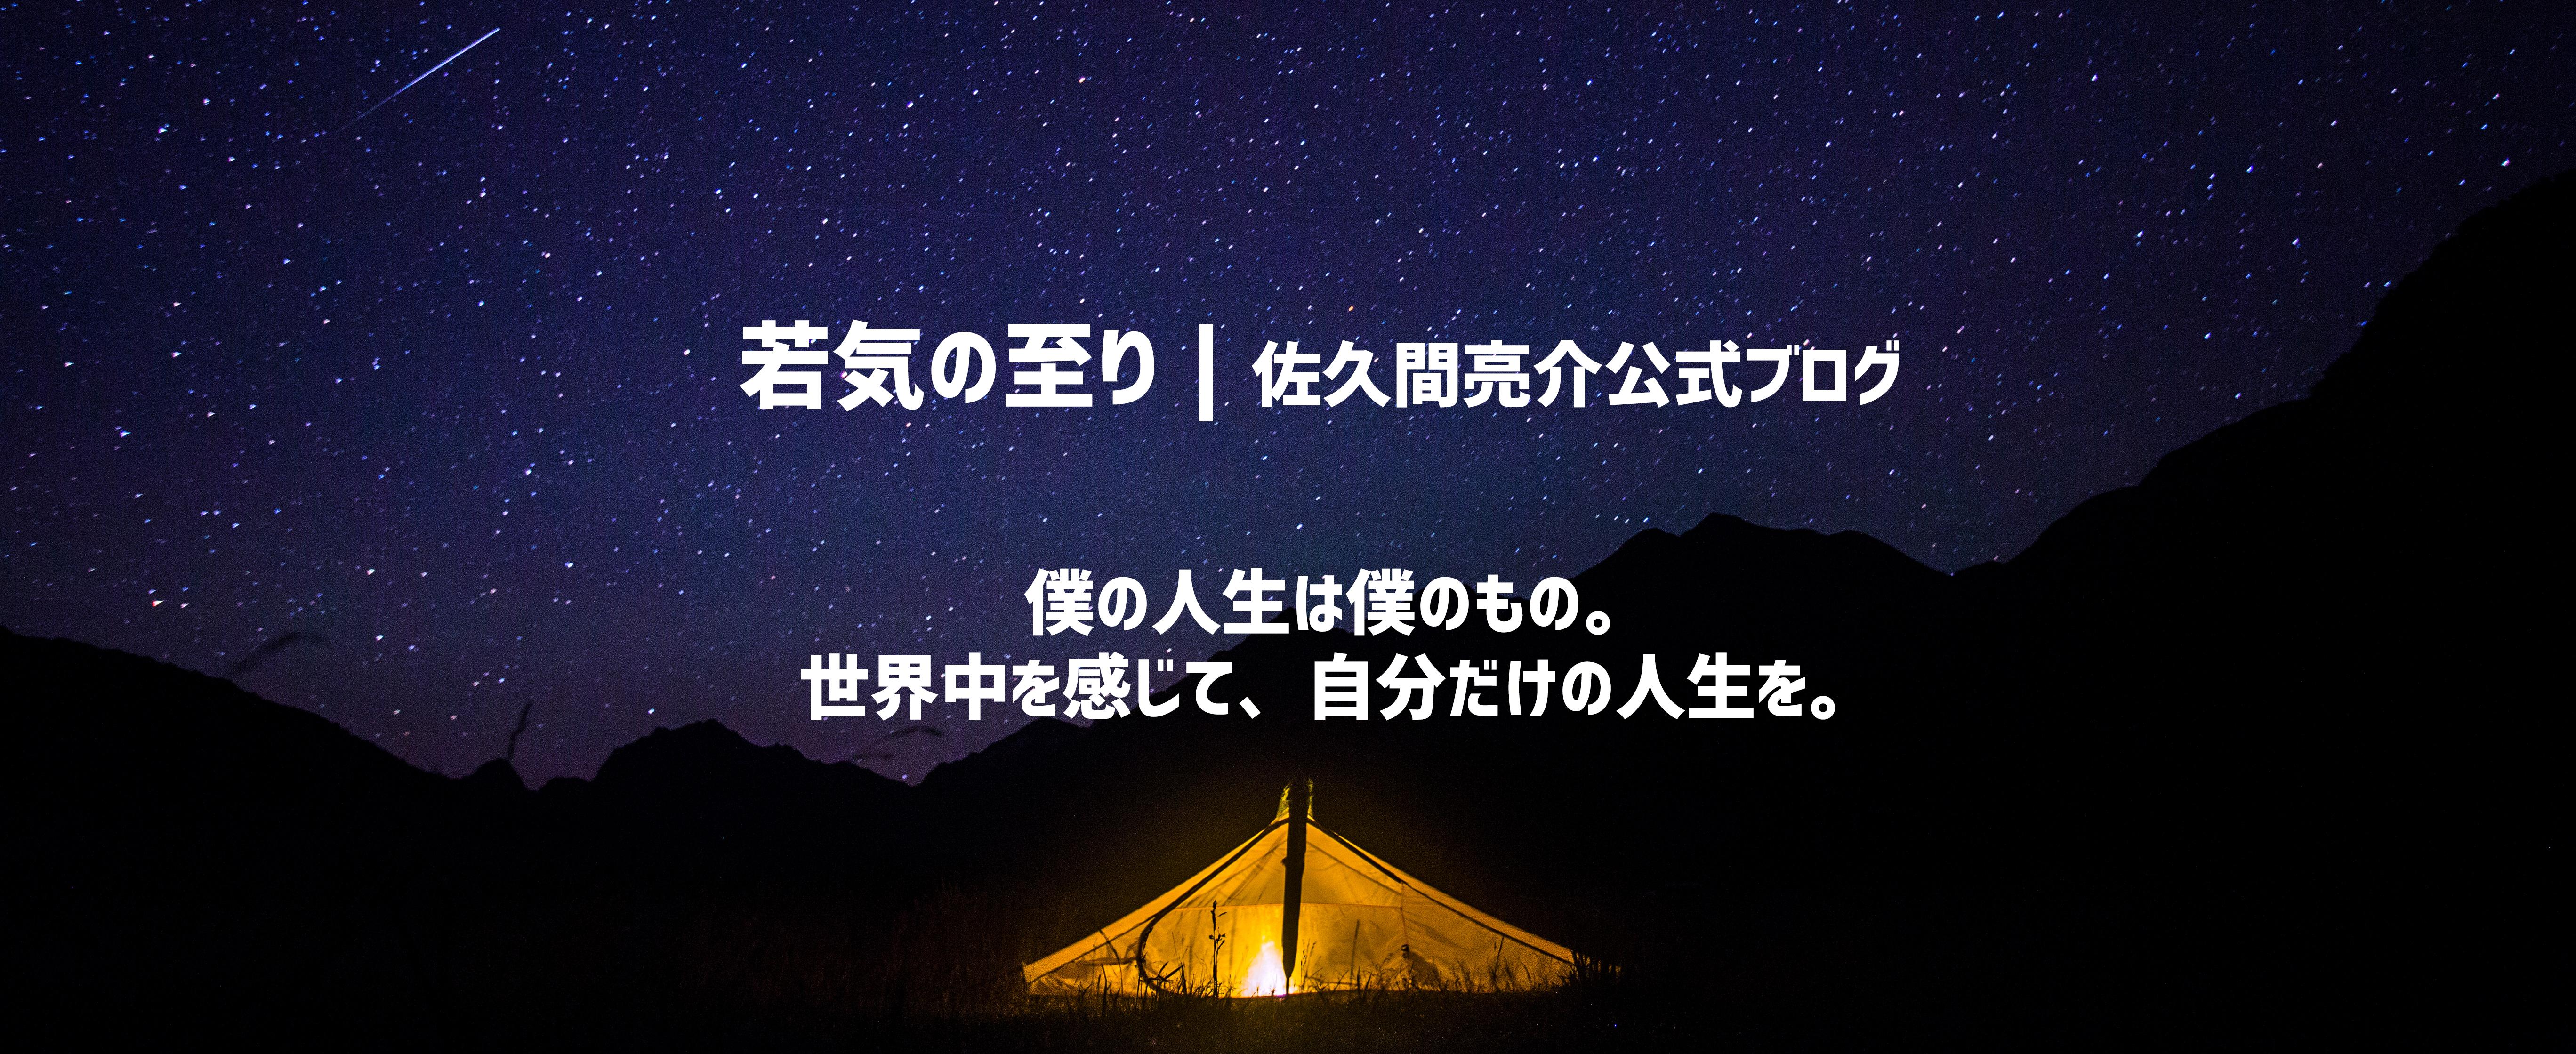 若気の至り | 佐久間亮介公式ブログ